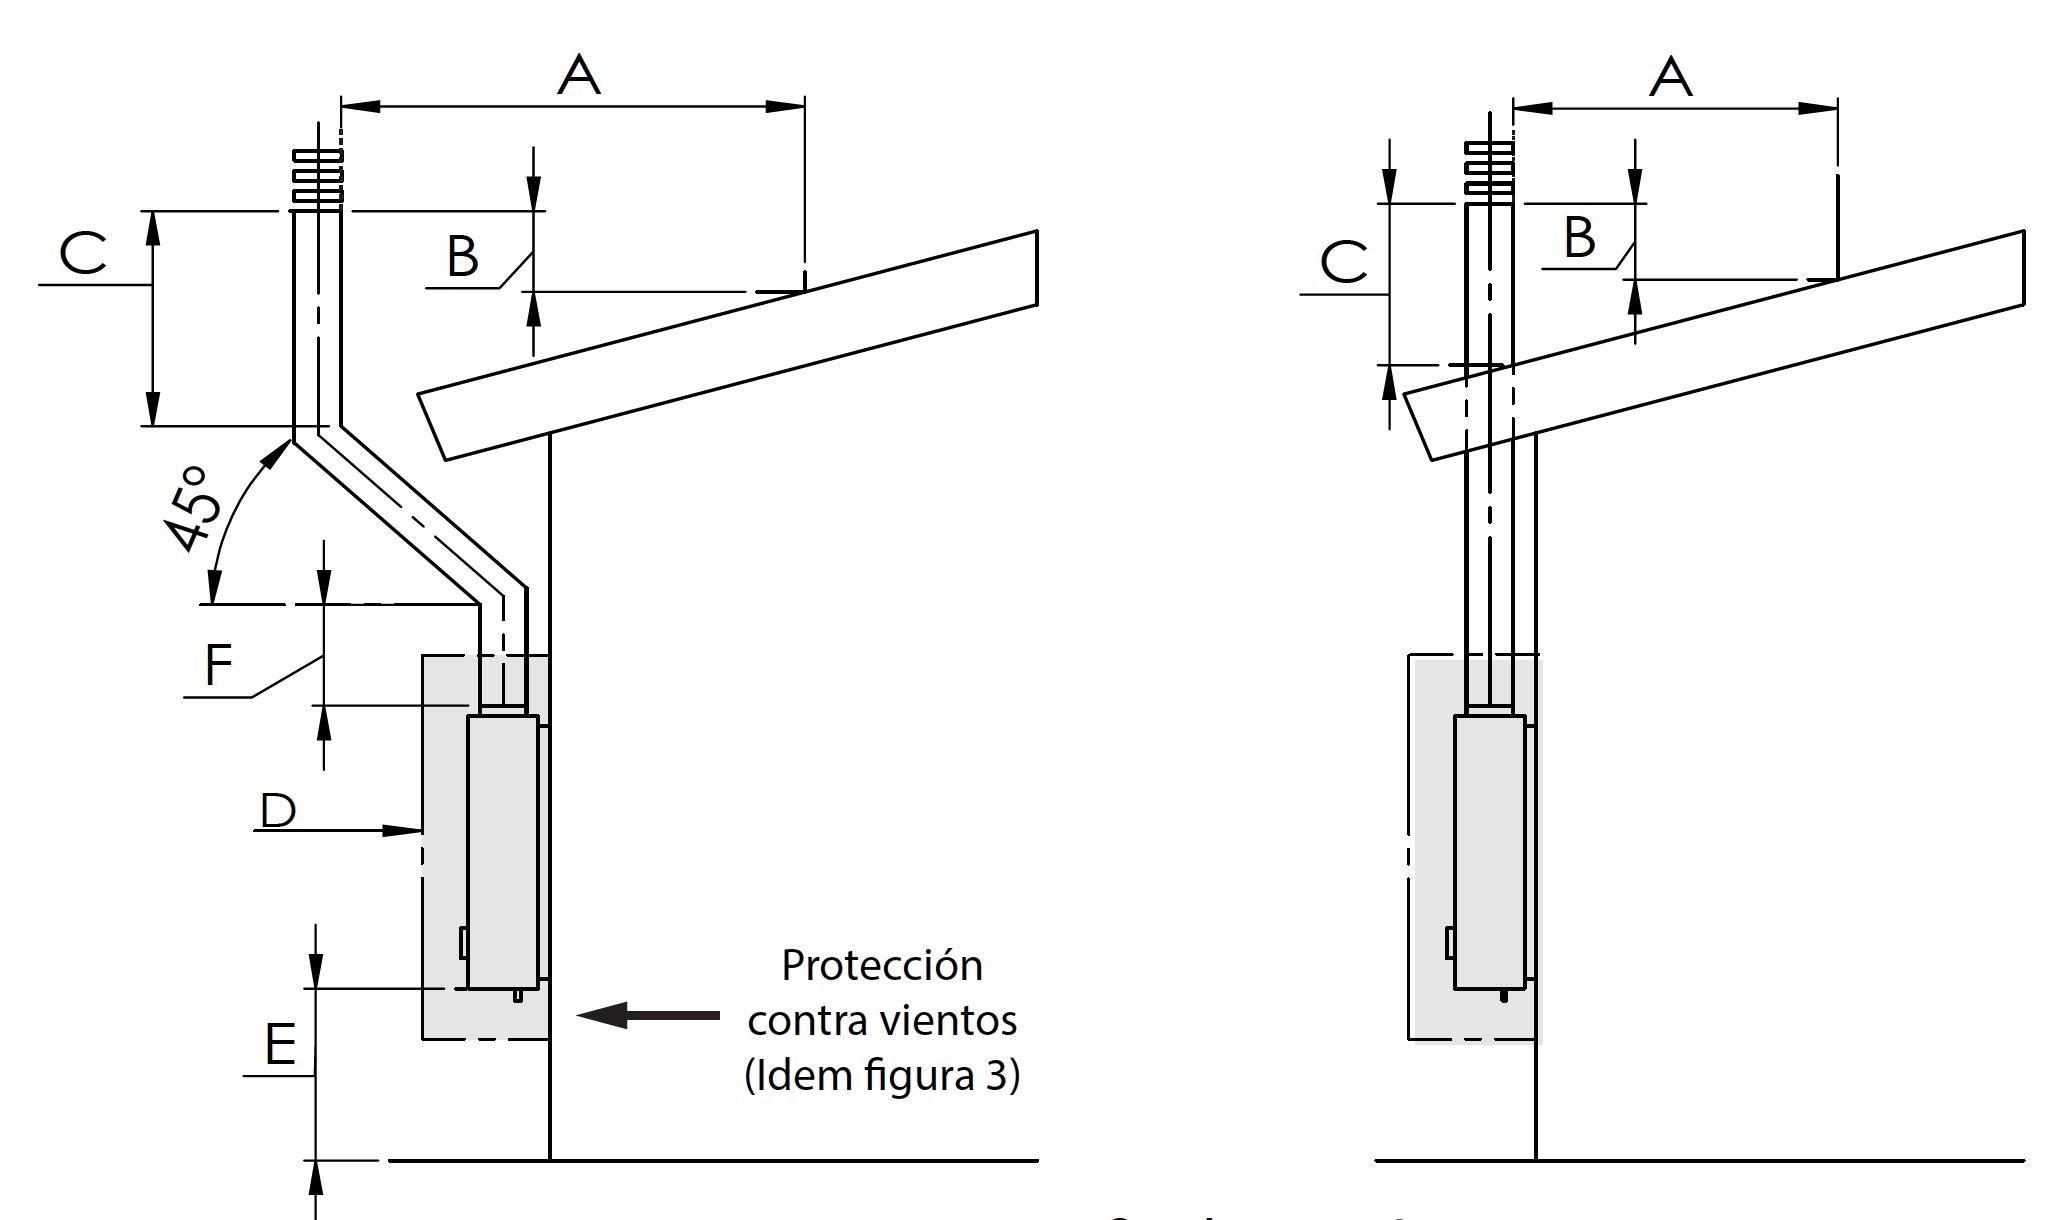 Instalacióbn Calefont ionizado 5lt Gas licuado